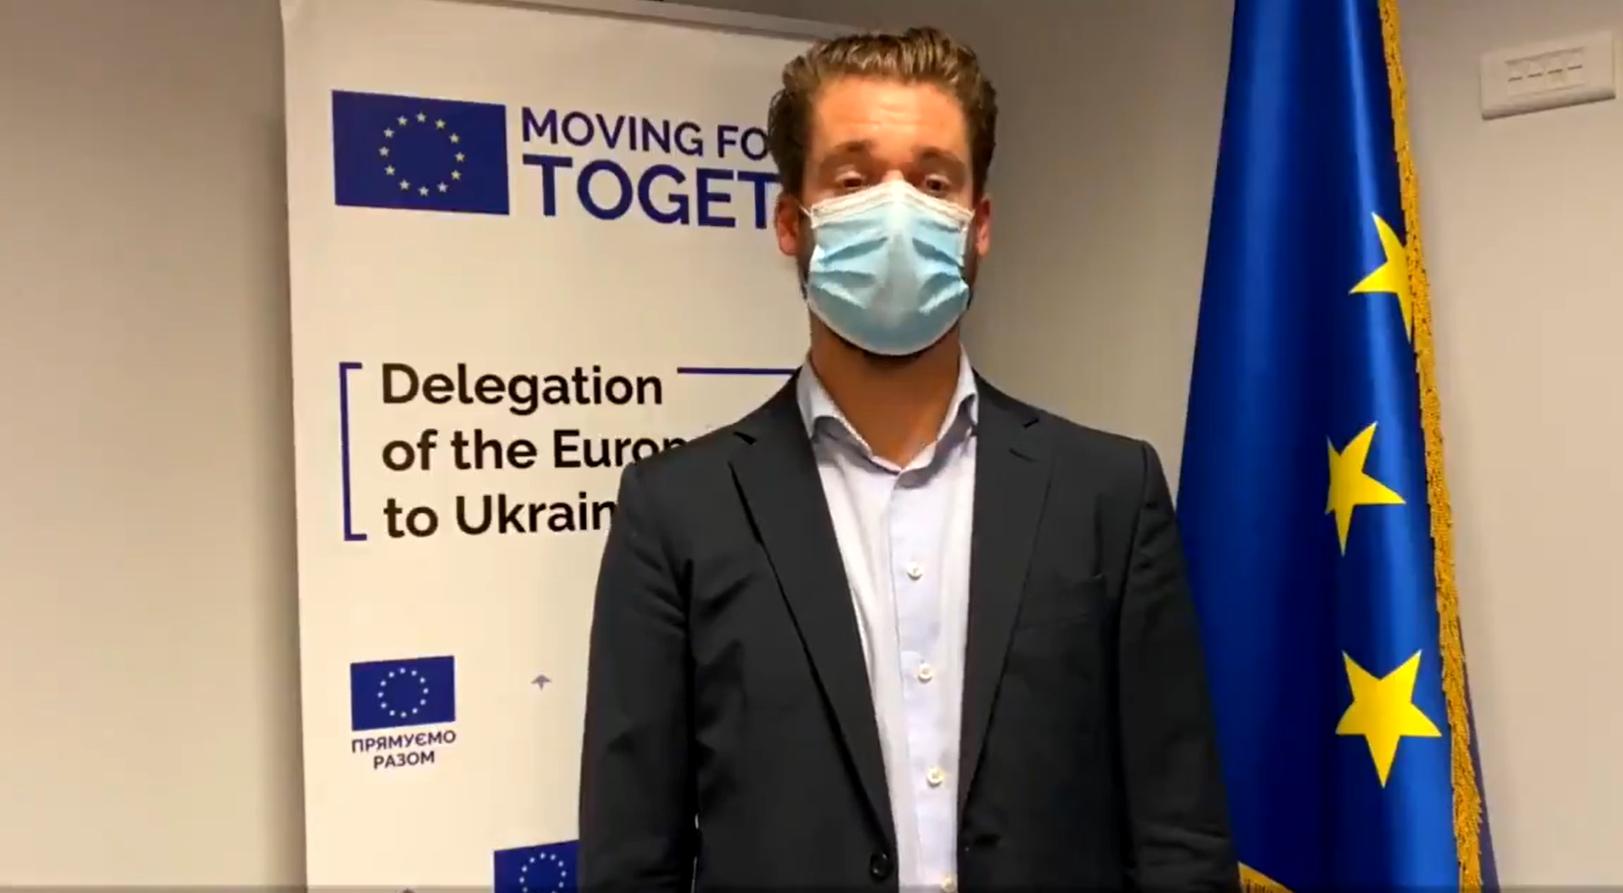 Співробітник представництва ЄС в Україні зачитав уривок українського вірша